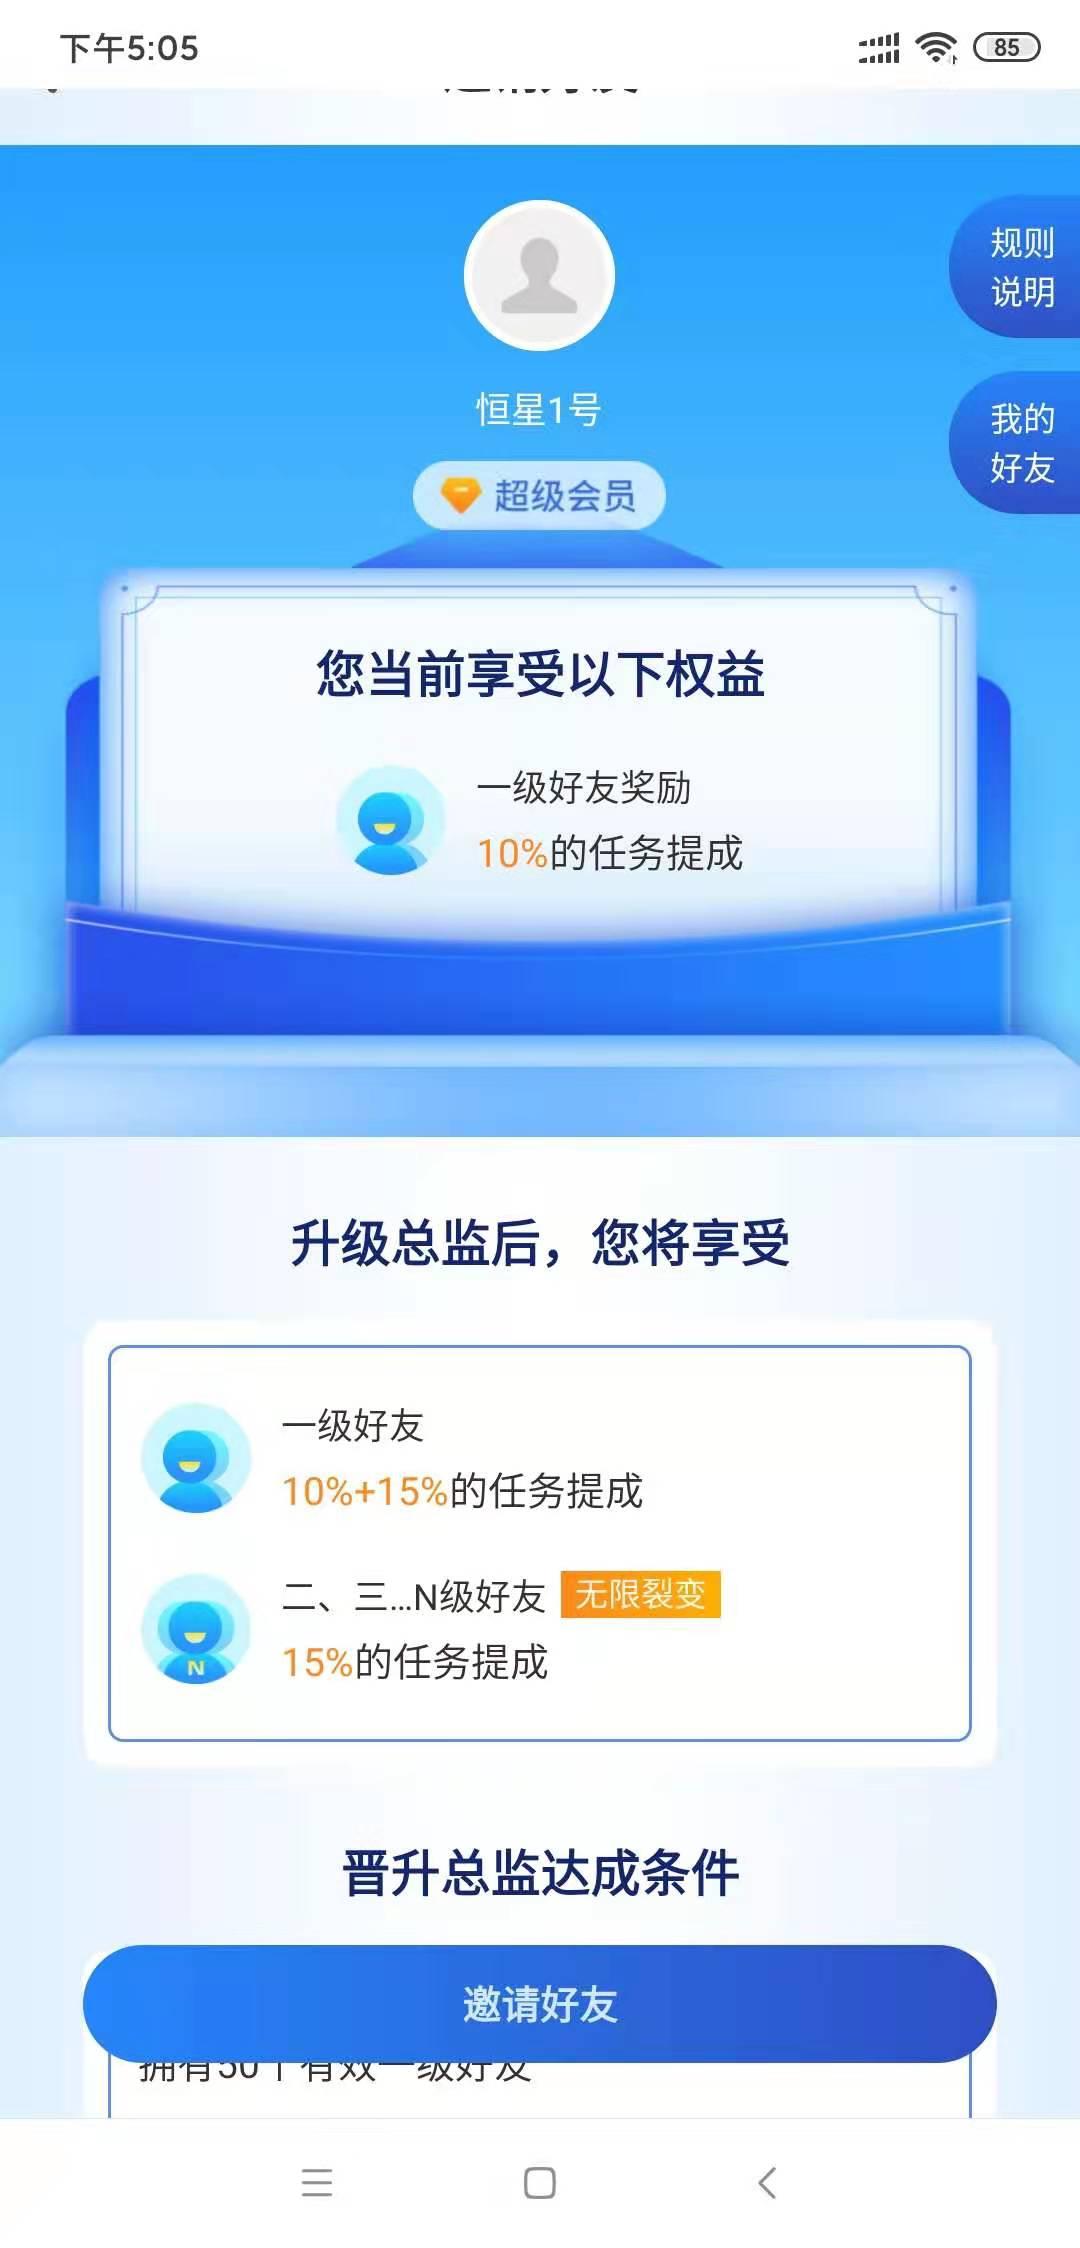 网络推广赚钱.jpg